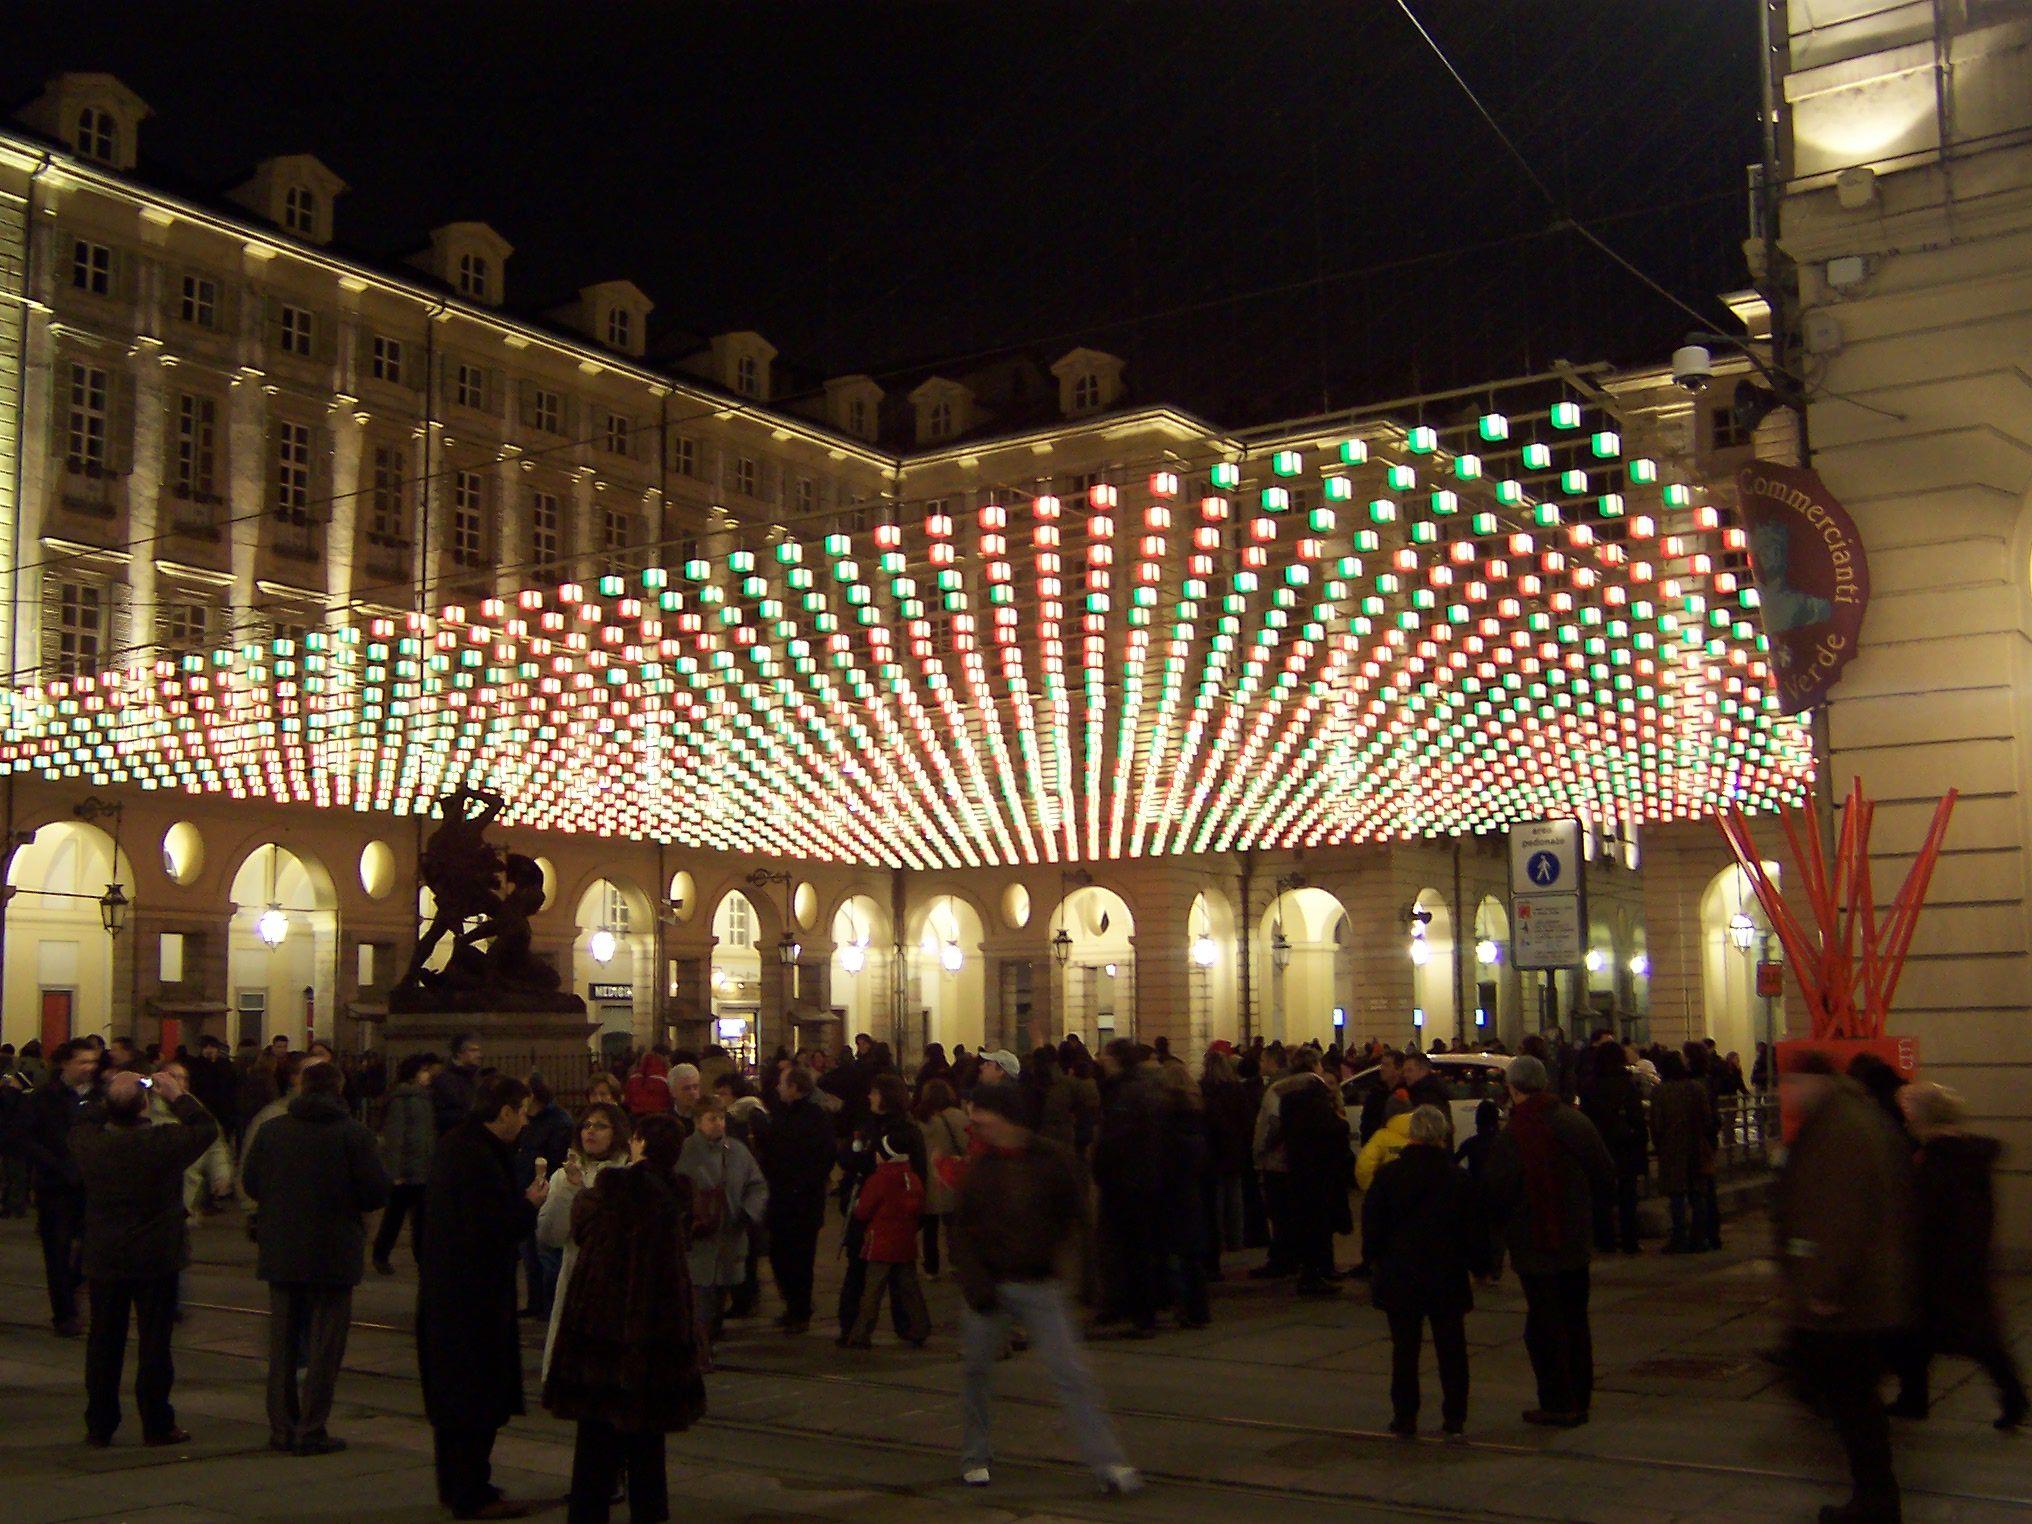 piazza_municipio.jpg (2032×1524)